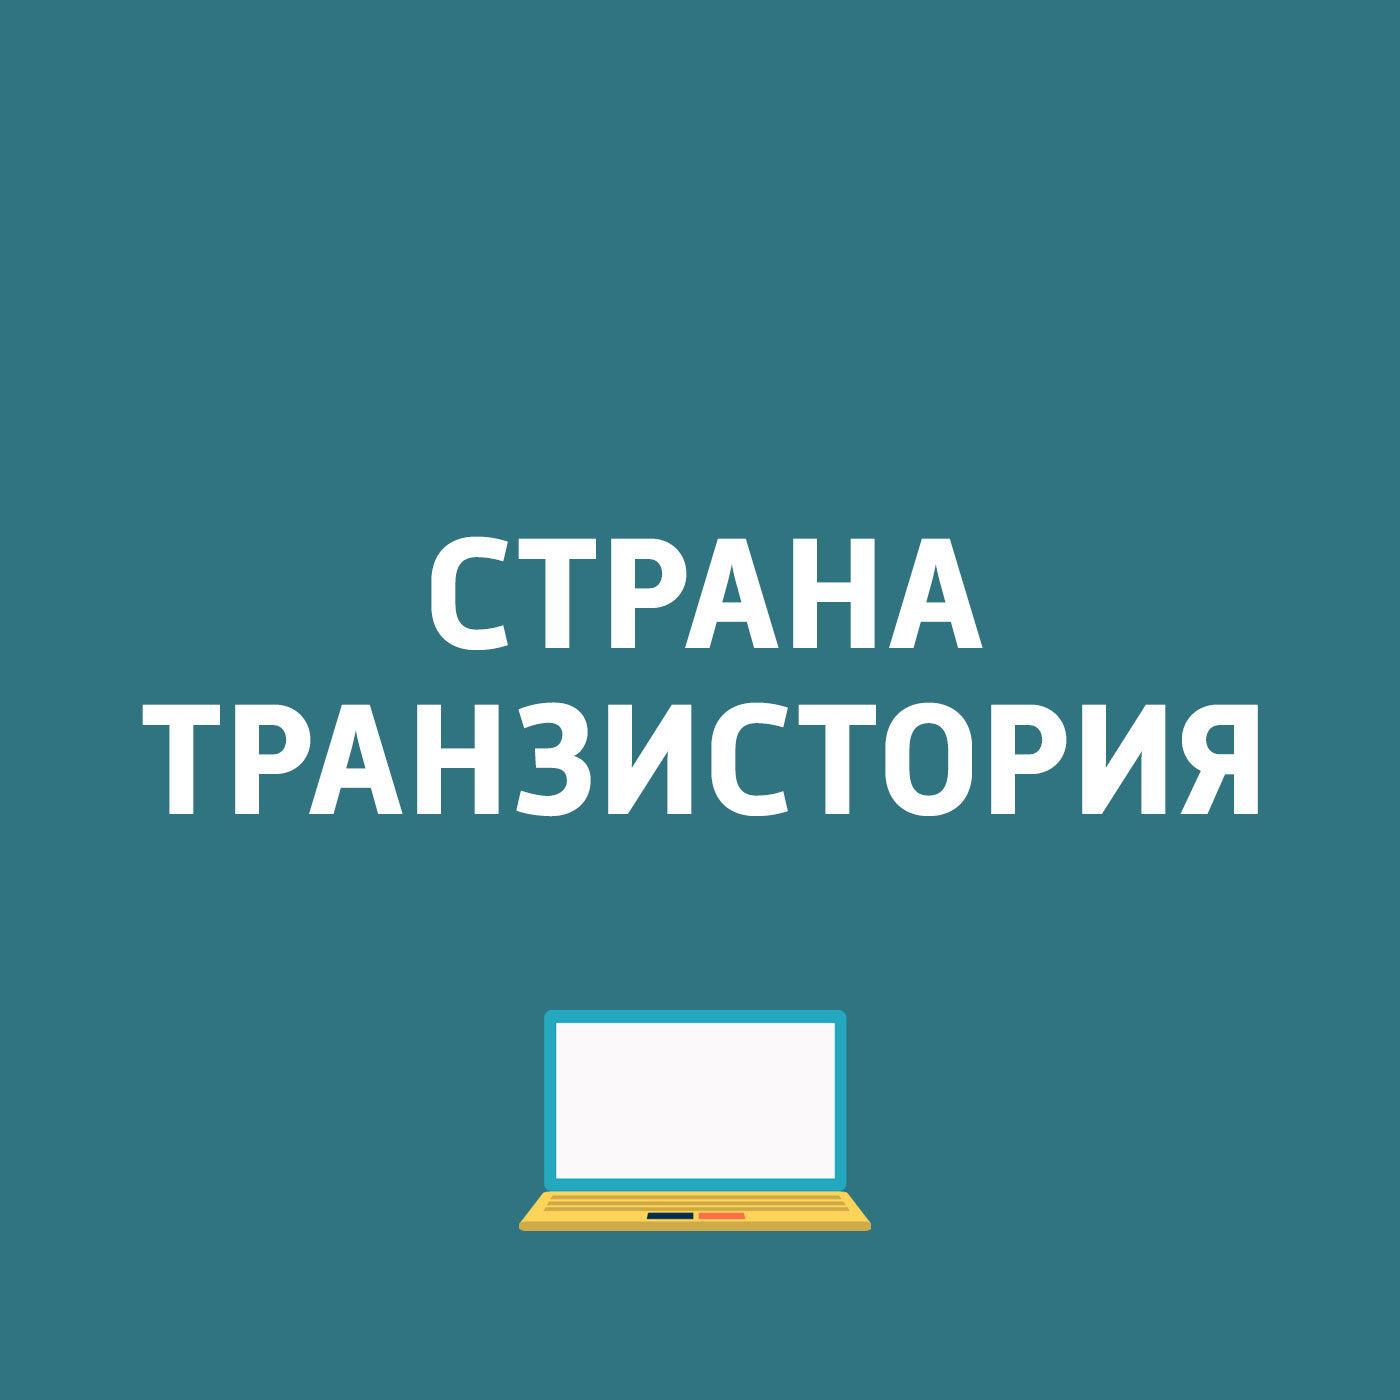 Фото - Картаев Павел Выставка IFA 2018: каких новинок ждать? картаев павел выставка ifa 2018 каких новинок ждать